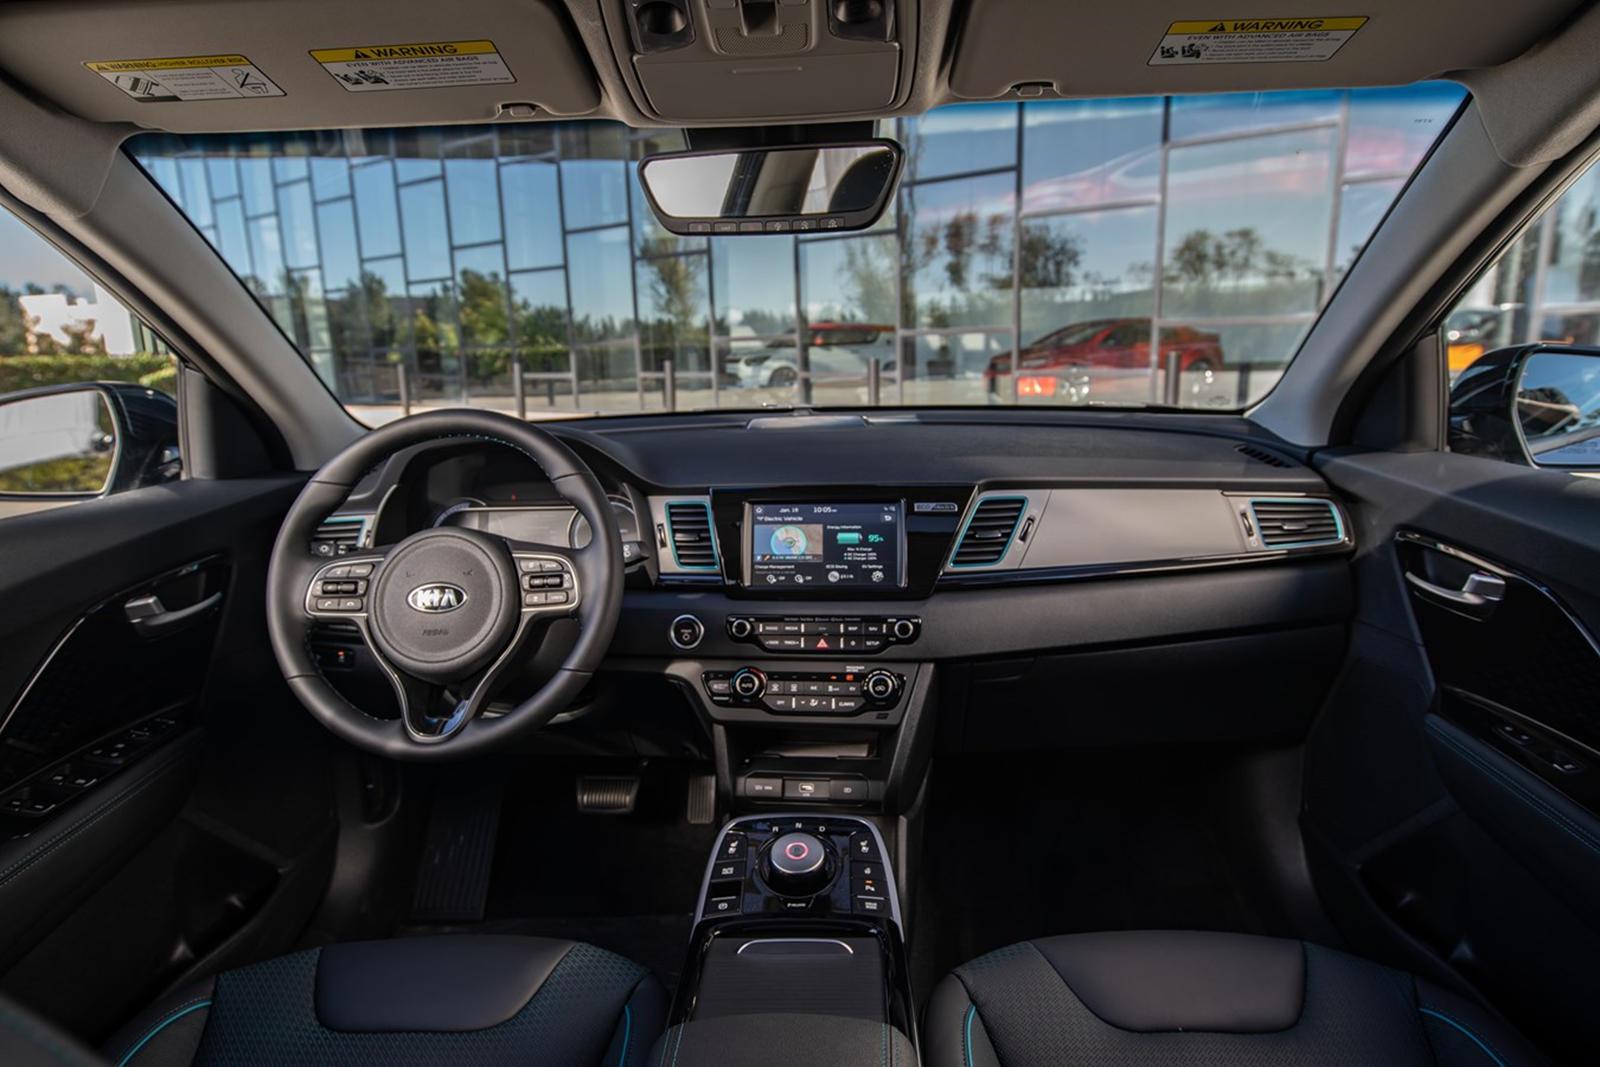 Базовая комплектация EX теперь стандартно оснащена беспроводным Apple CarPlay и Android Auto, а также системой оповещения пассажиров сзади. Также есть функция удаленного запуска, которая позволяет владельцам предварительно нагревать или охлаждать сал